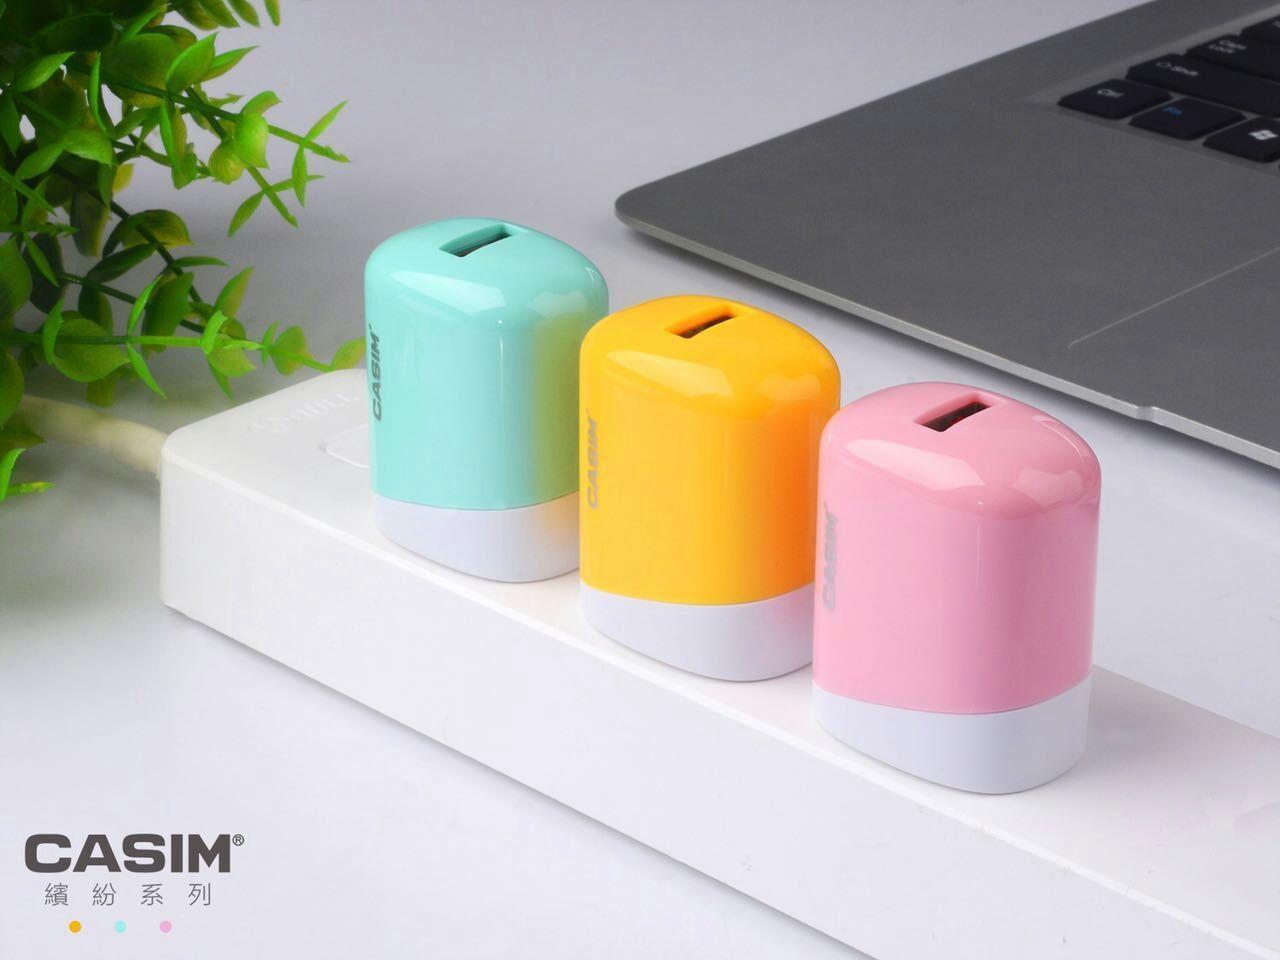 CASIM USB Seyahat Şarj Adaptörü Hızlı Şarj Blok Tak iphone 5 6 6 s 7 Artı, Samsung Galaxy S8 Note4 s7 Kenar